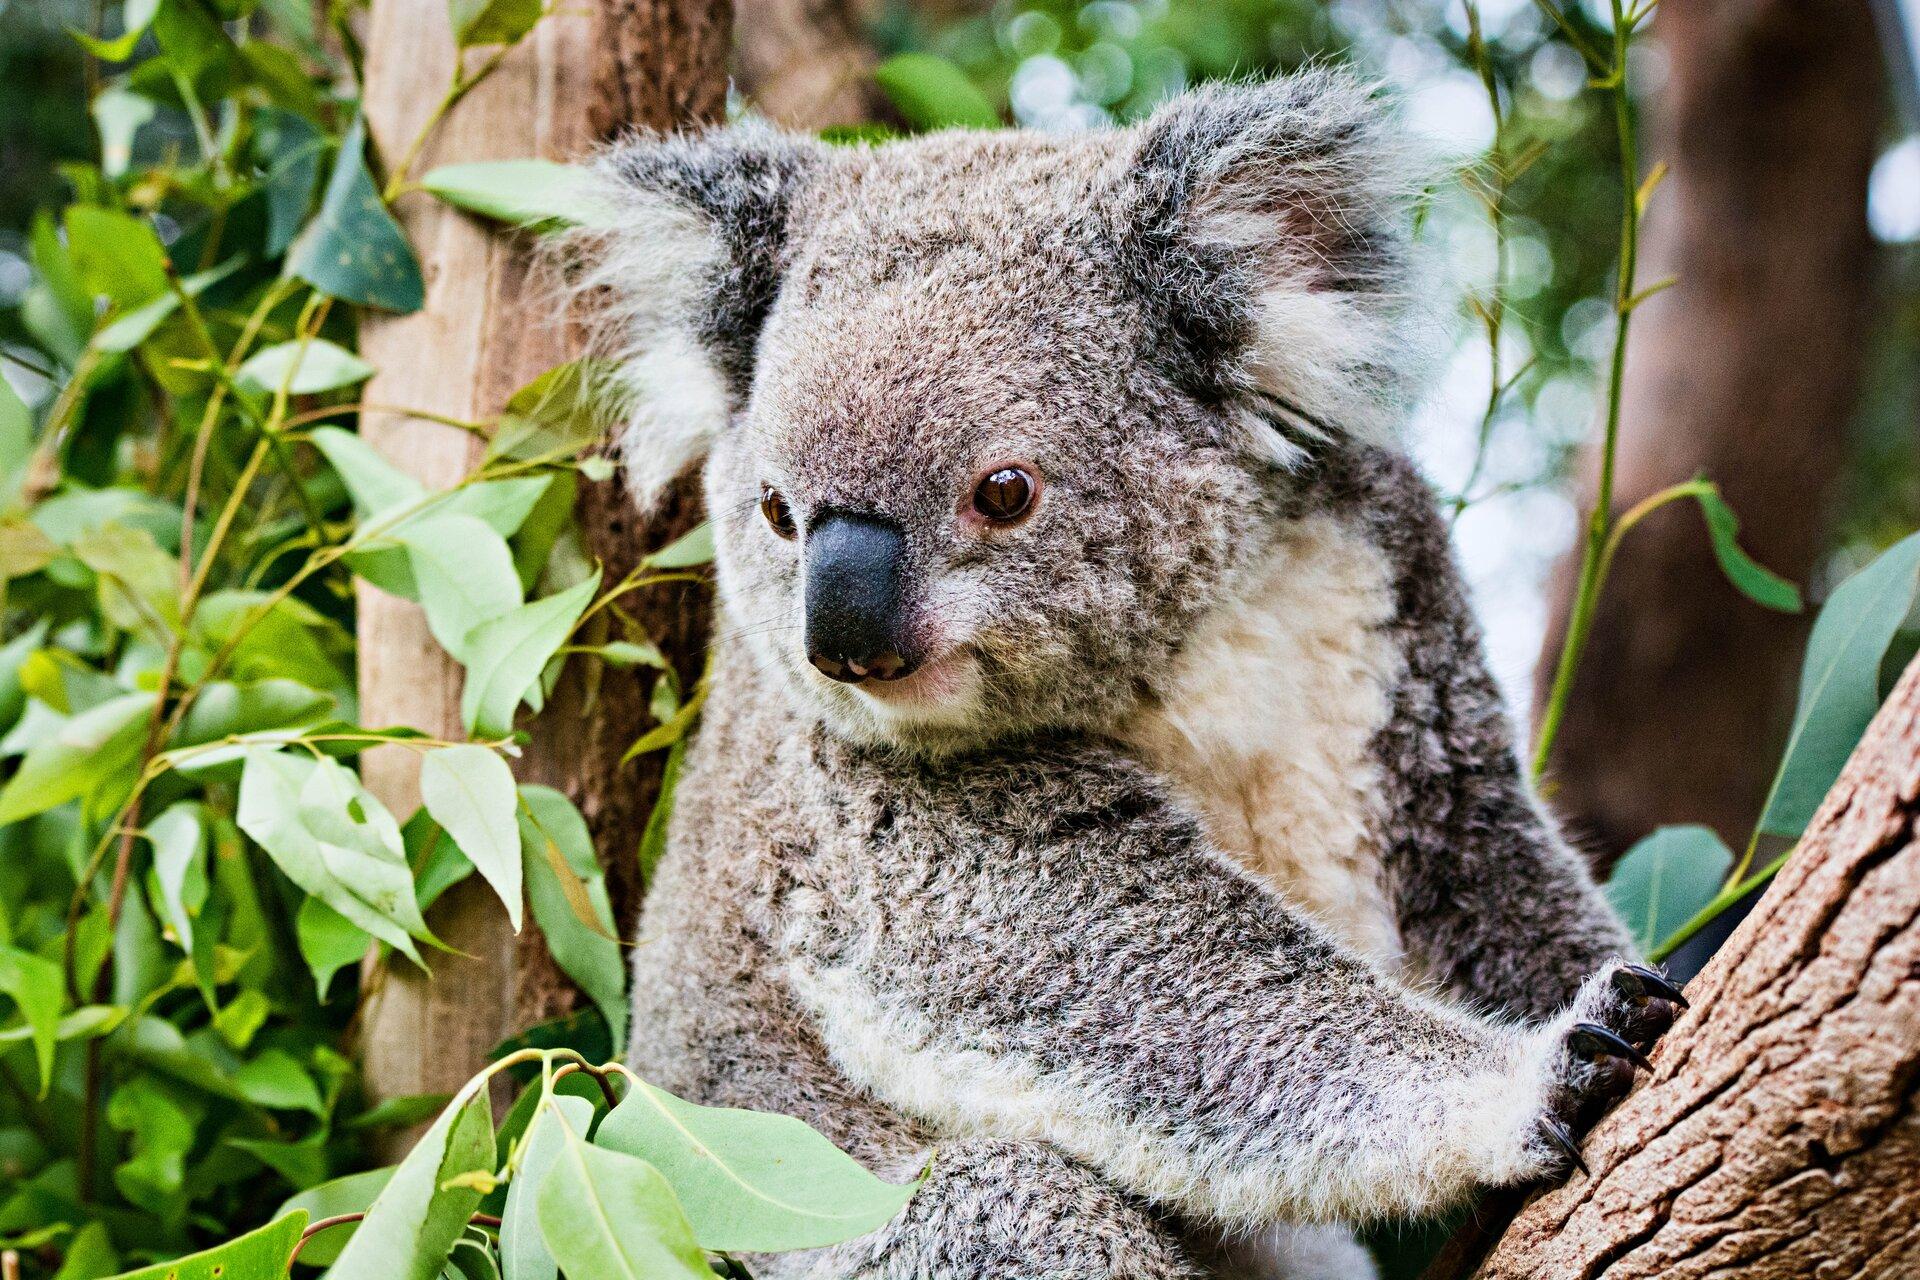 Fotografia przedstawia szarego misia koala, siedzącego na drzewie. To drzewo to eukaliptus. Koala żywi się wyłącznie liśćmi eukaliptusa.